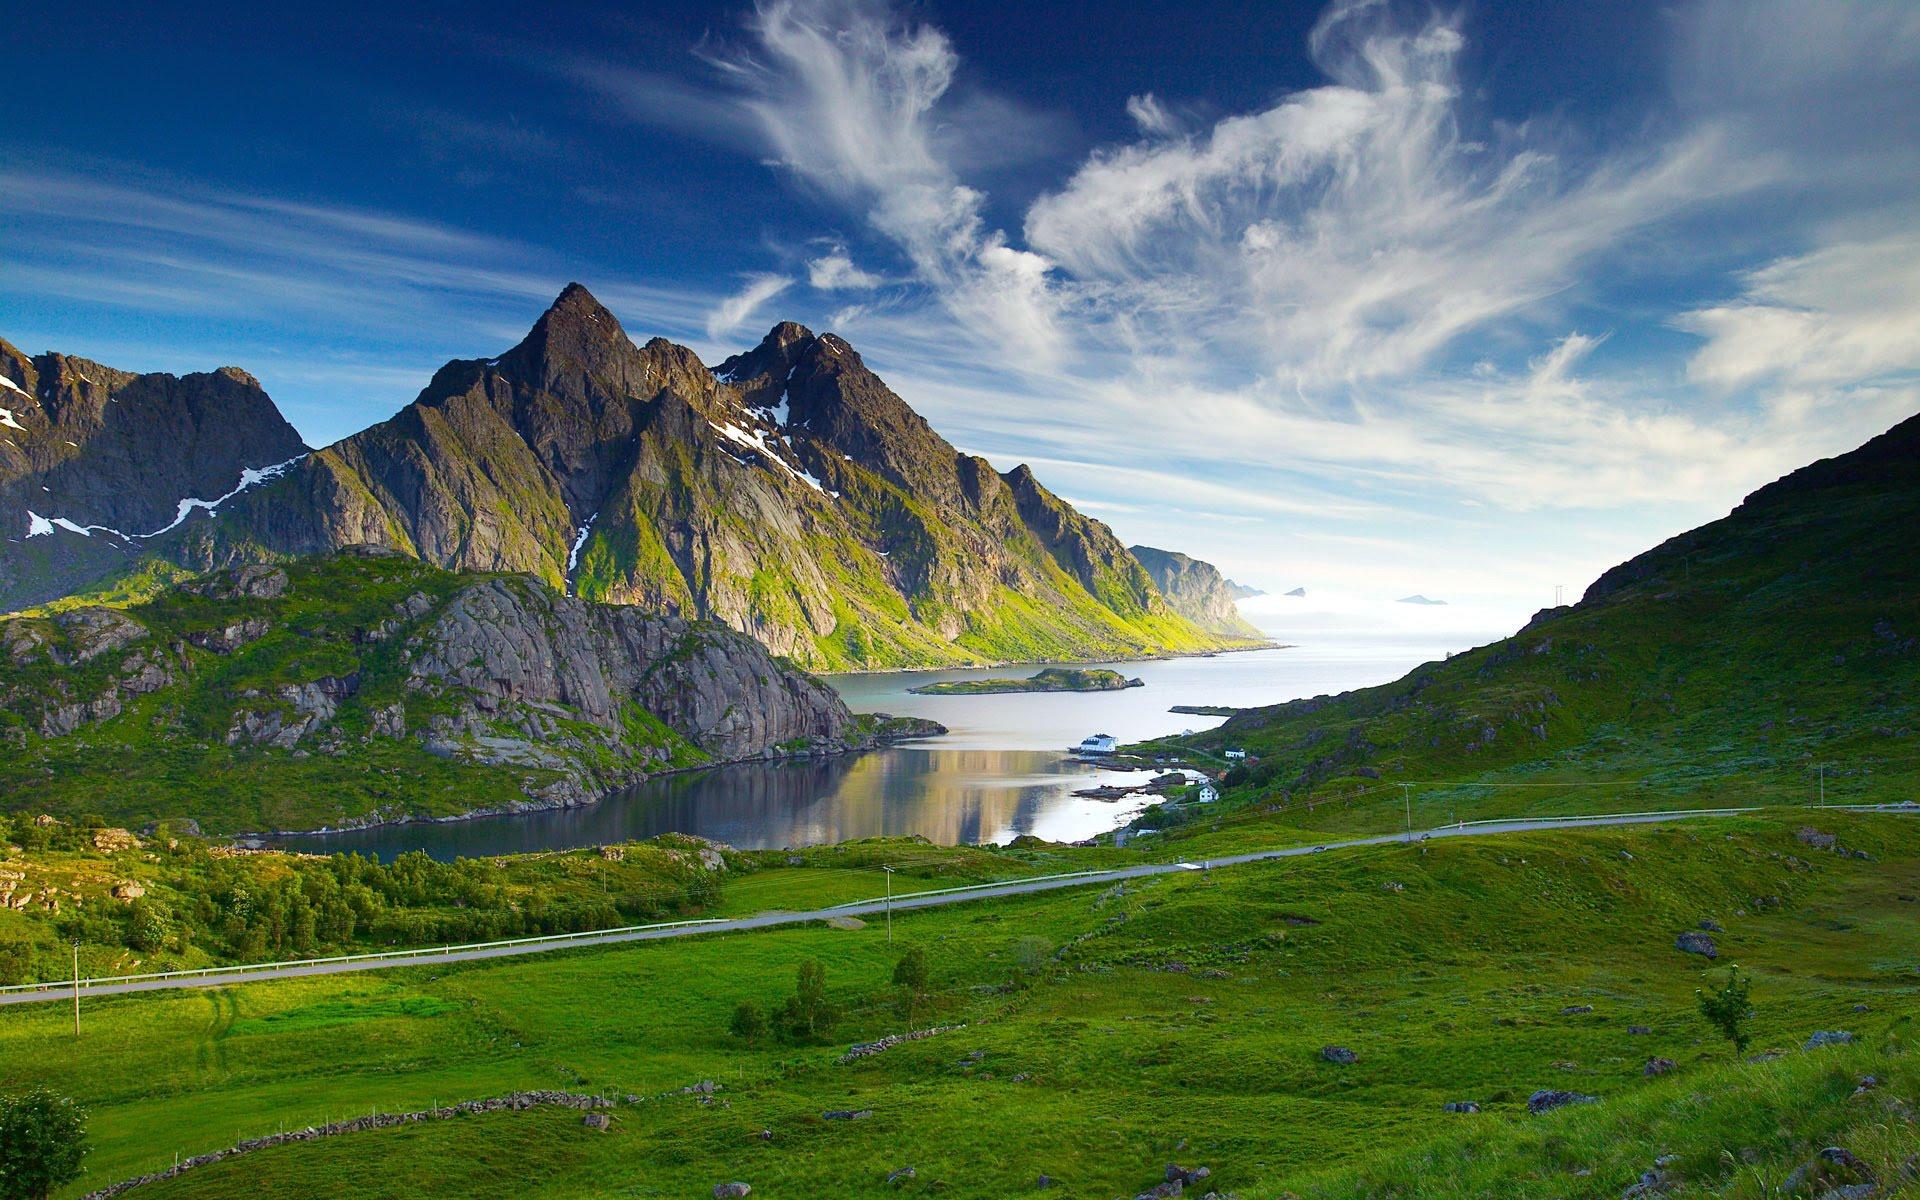 بالصور صور طبيعية , اجمل المناظر والاماكن السياحية الطبيعية 4406 2